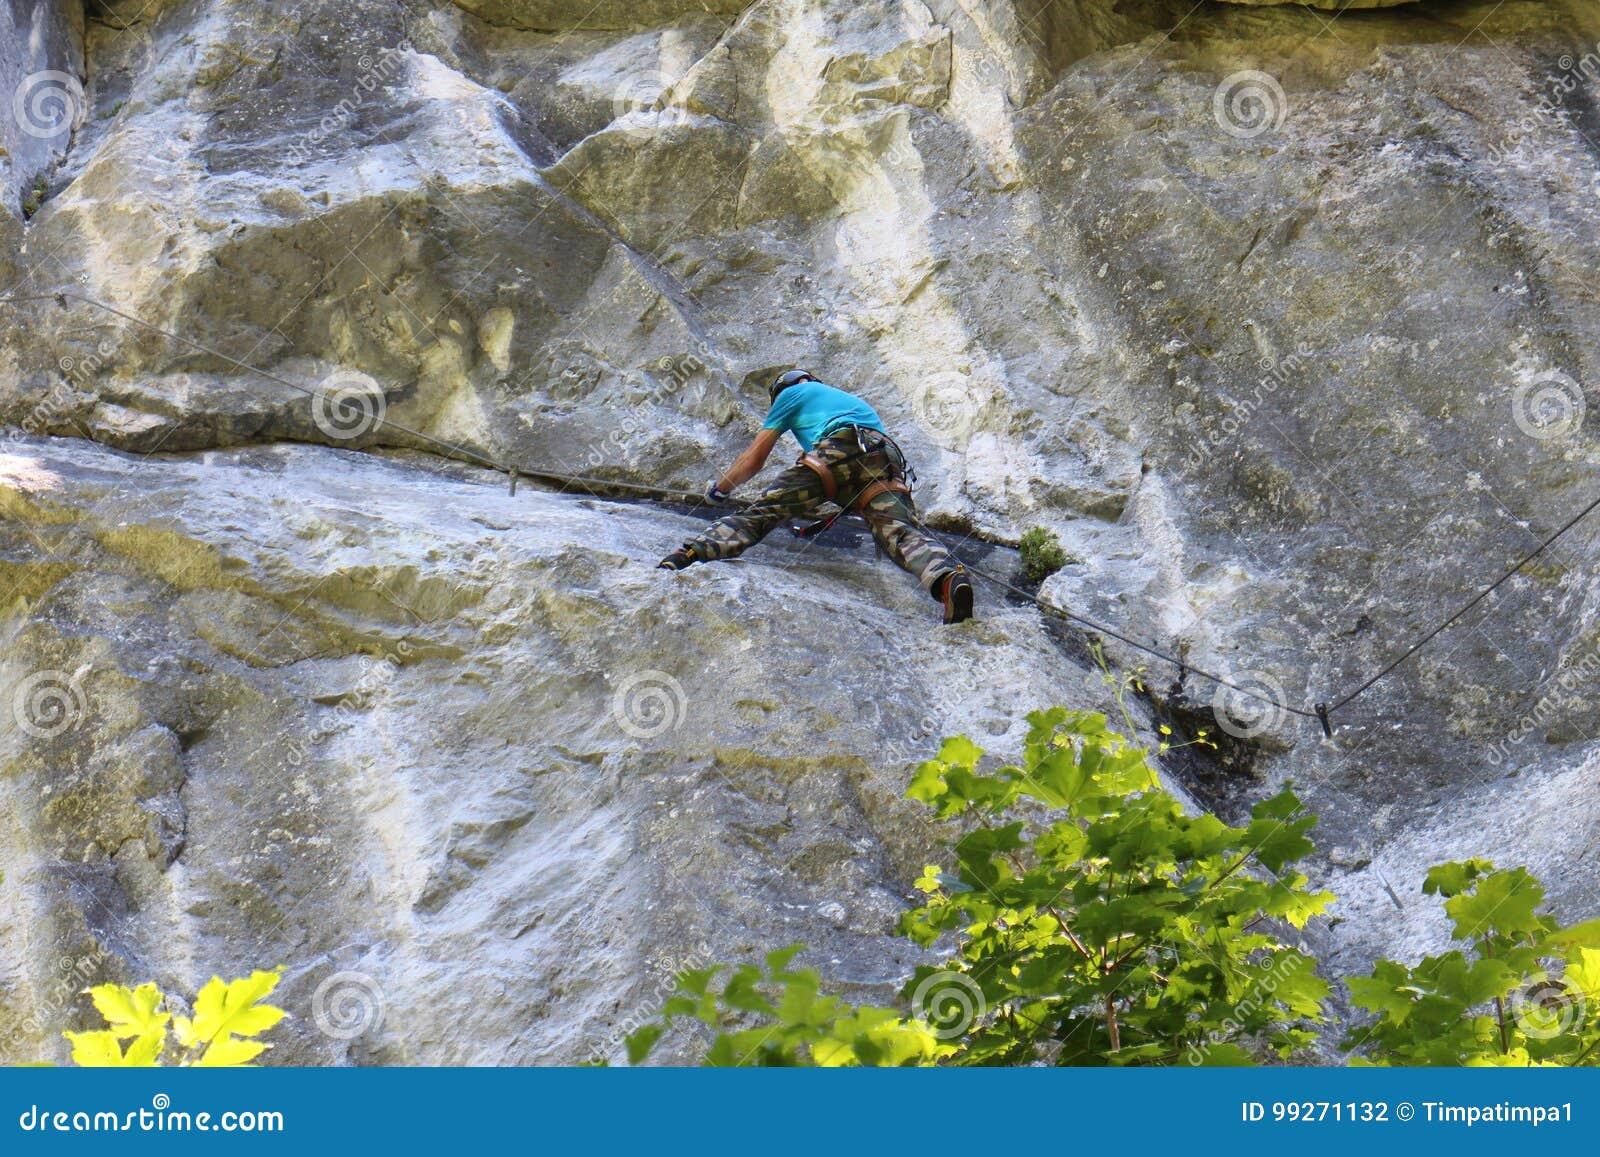 Klettersteig Austria : Leopoldsteinersee der schönste see für klettersteig fans travel